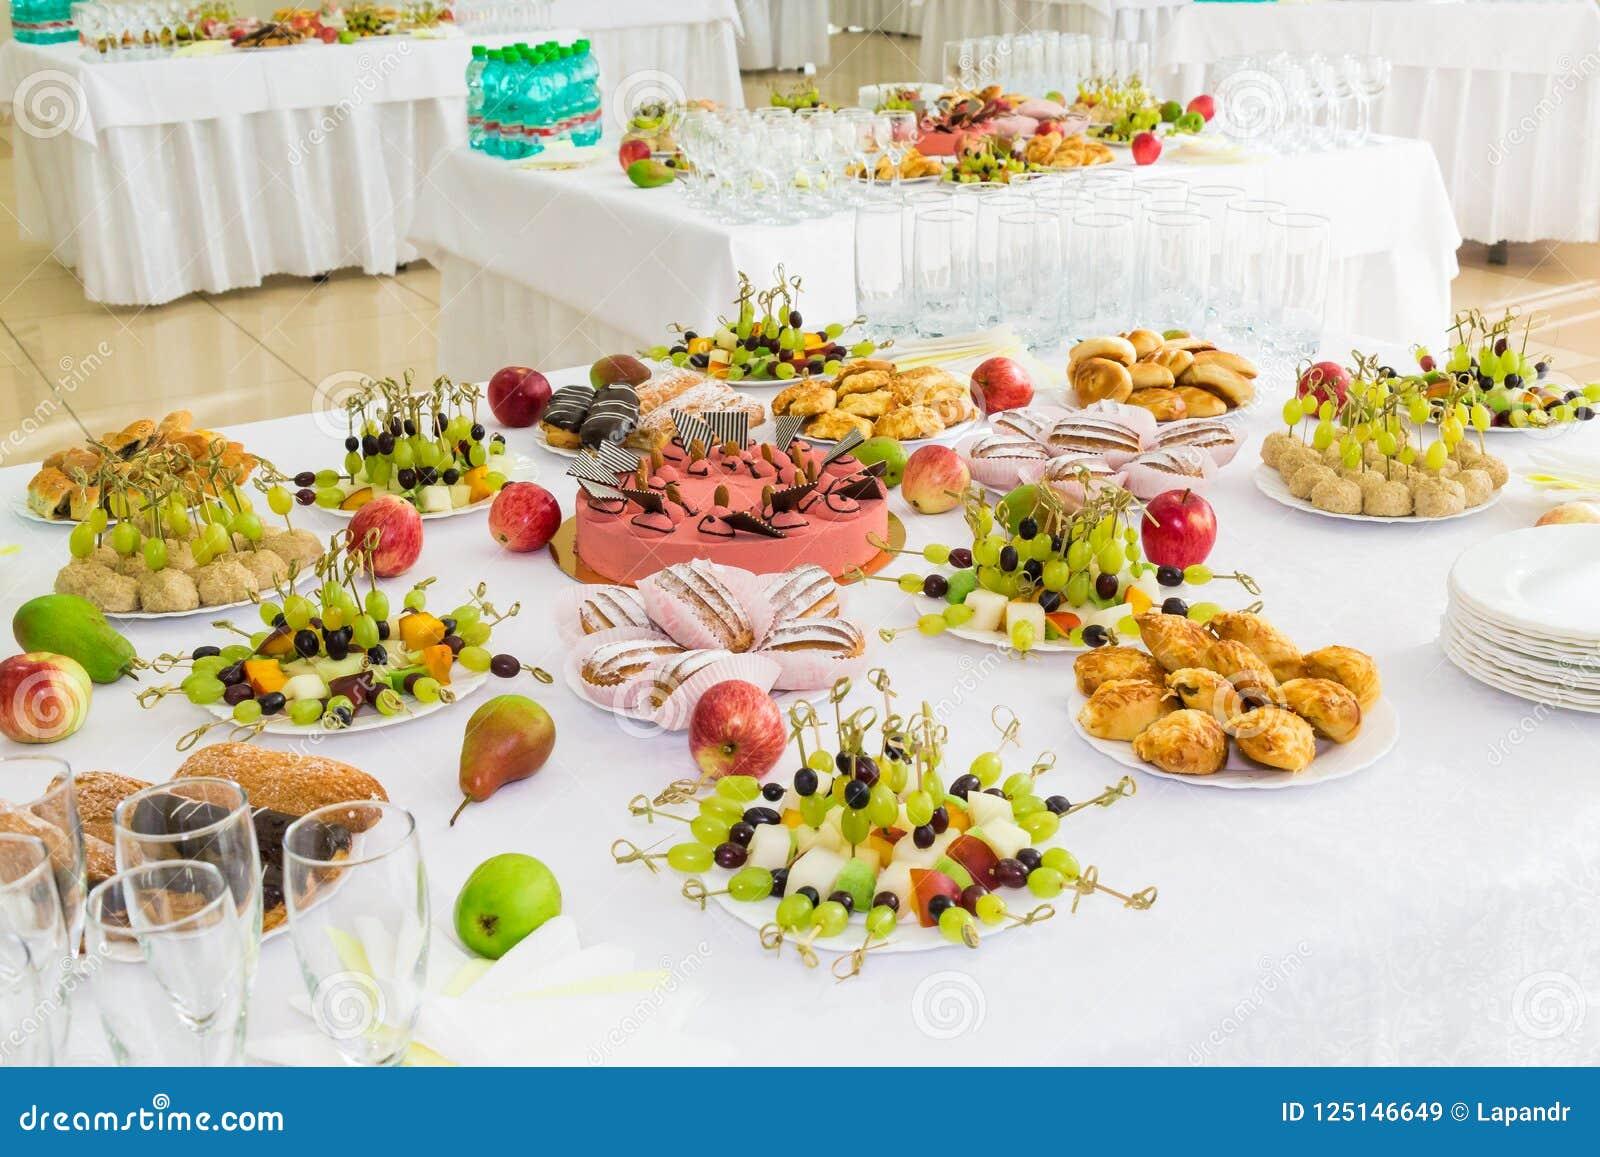 Tablas servidas en el banquete Postres, fruta y pasteles en la comida fría Cristalería y botellas de agua minerales Rosas en un j